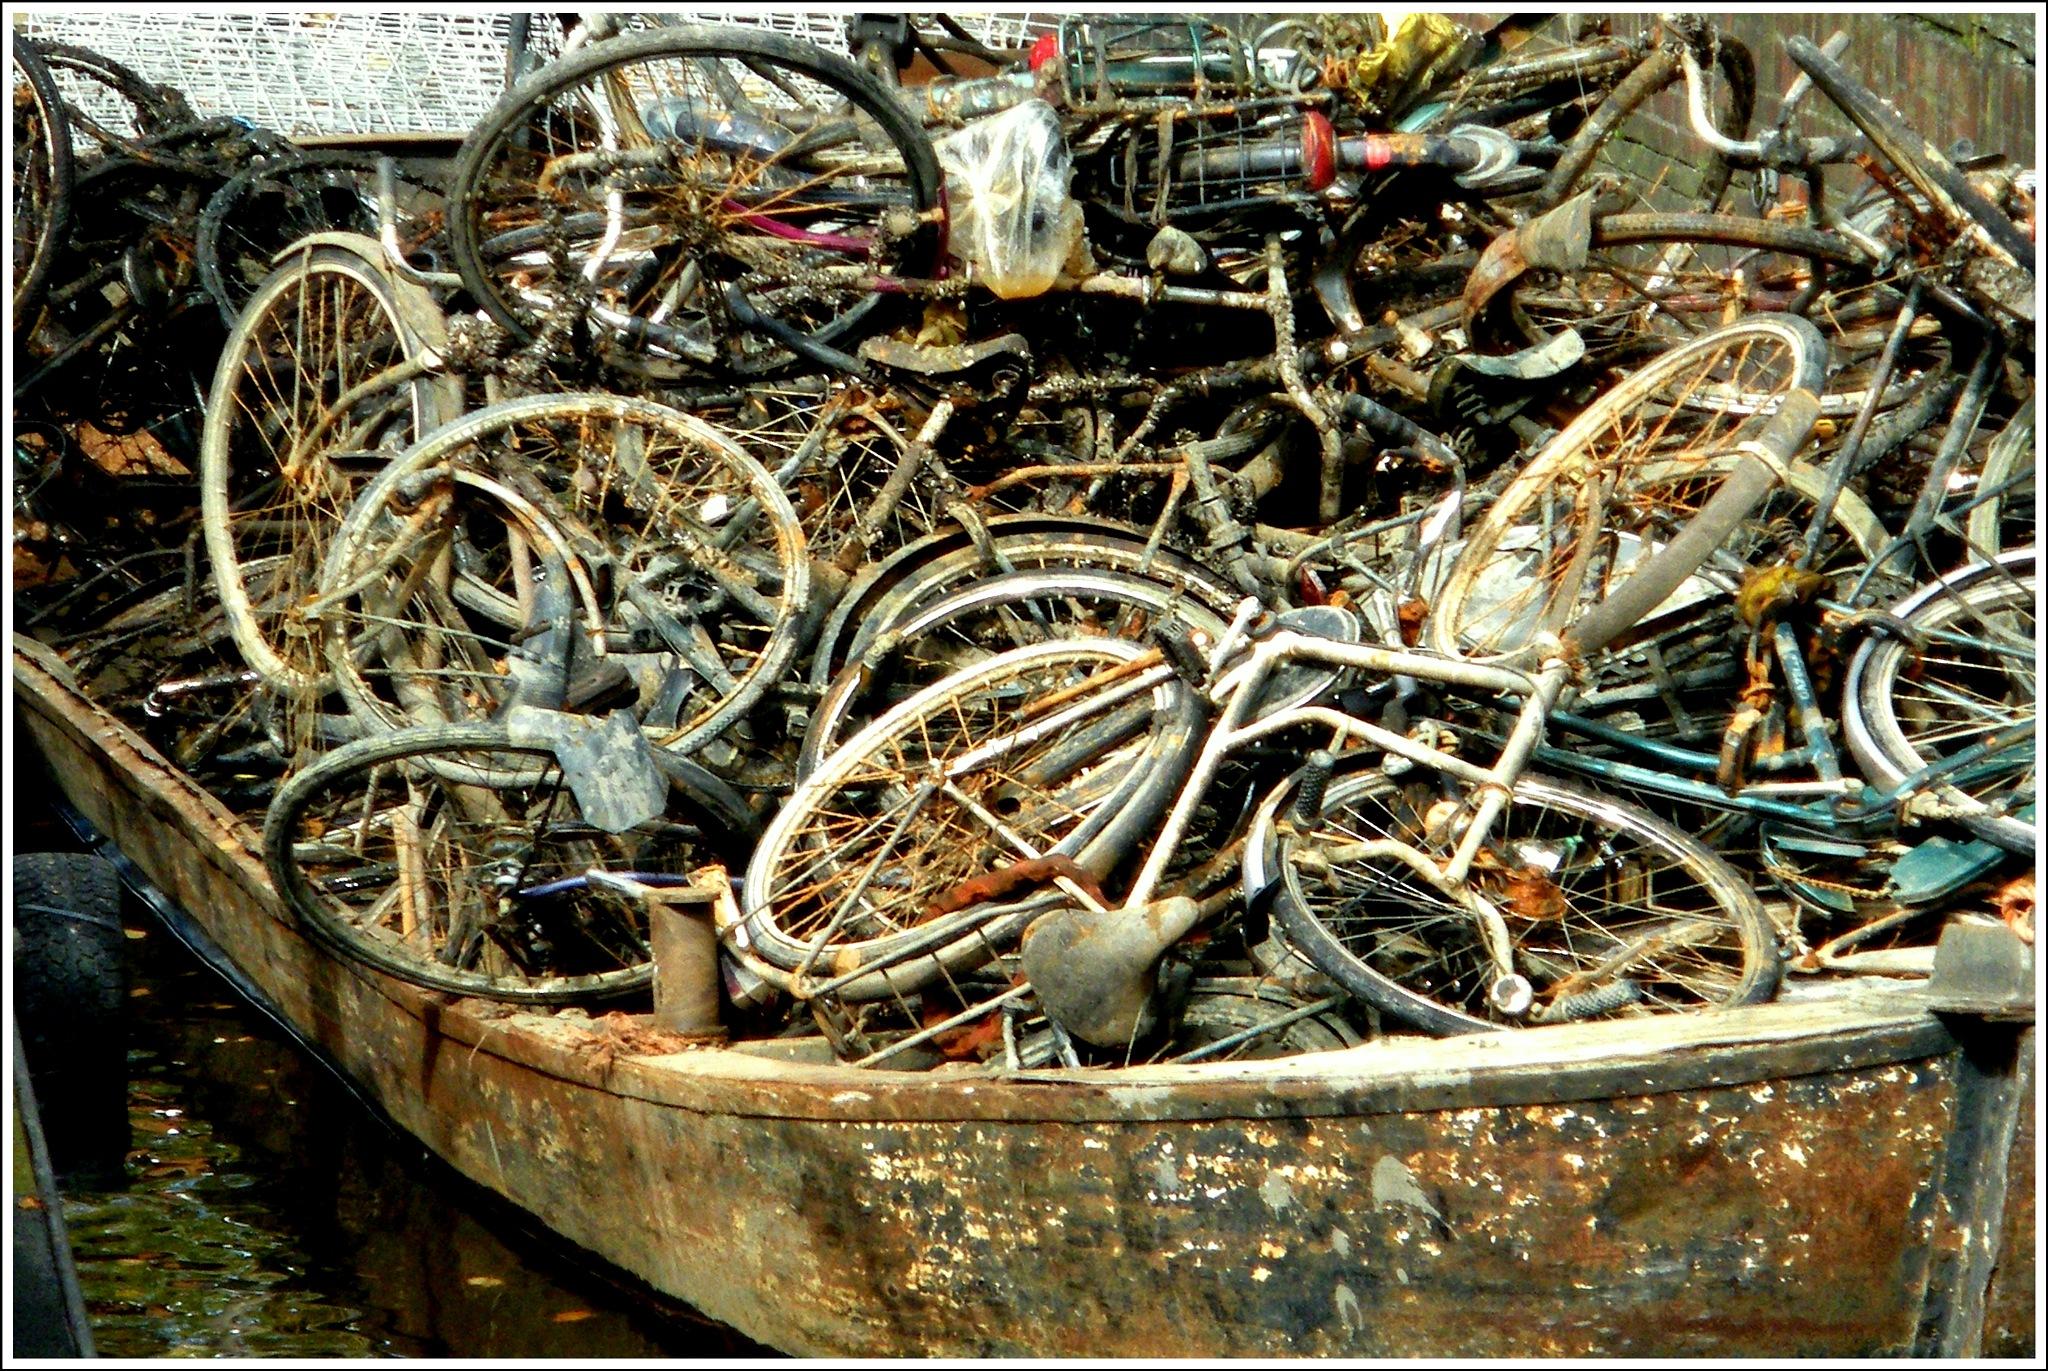 Drowned bikes  in the city of Groningen by Jacob van der Veen